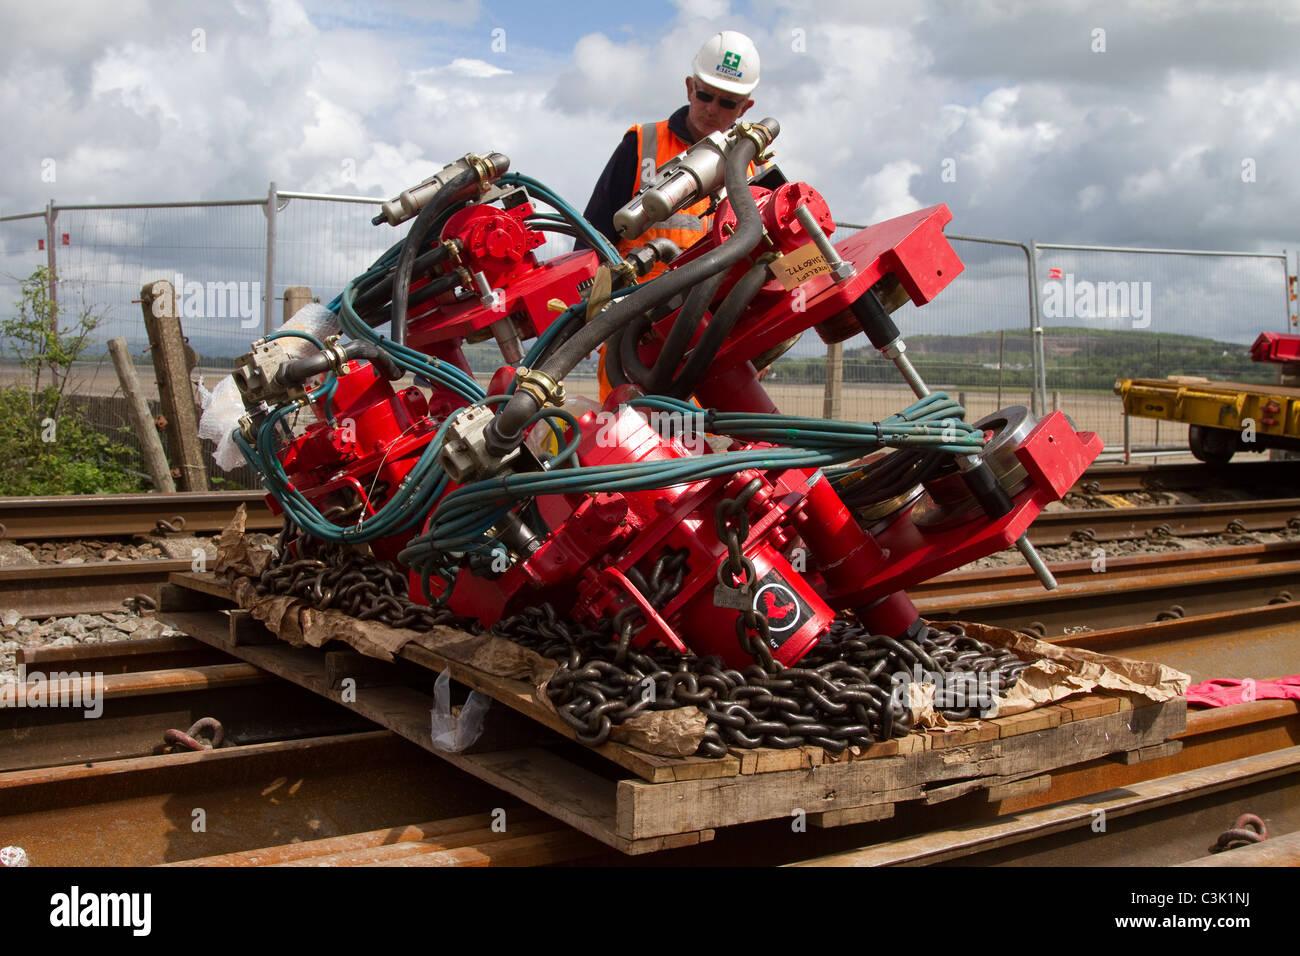 Network Rail die strukturellen Verbesserungen, Gleiserneuerung, Brücke, Reparaturen & Infrastruktur Verbesserungen Stockbild